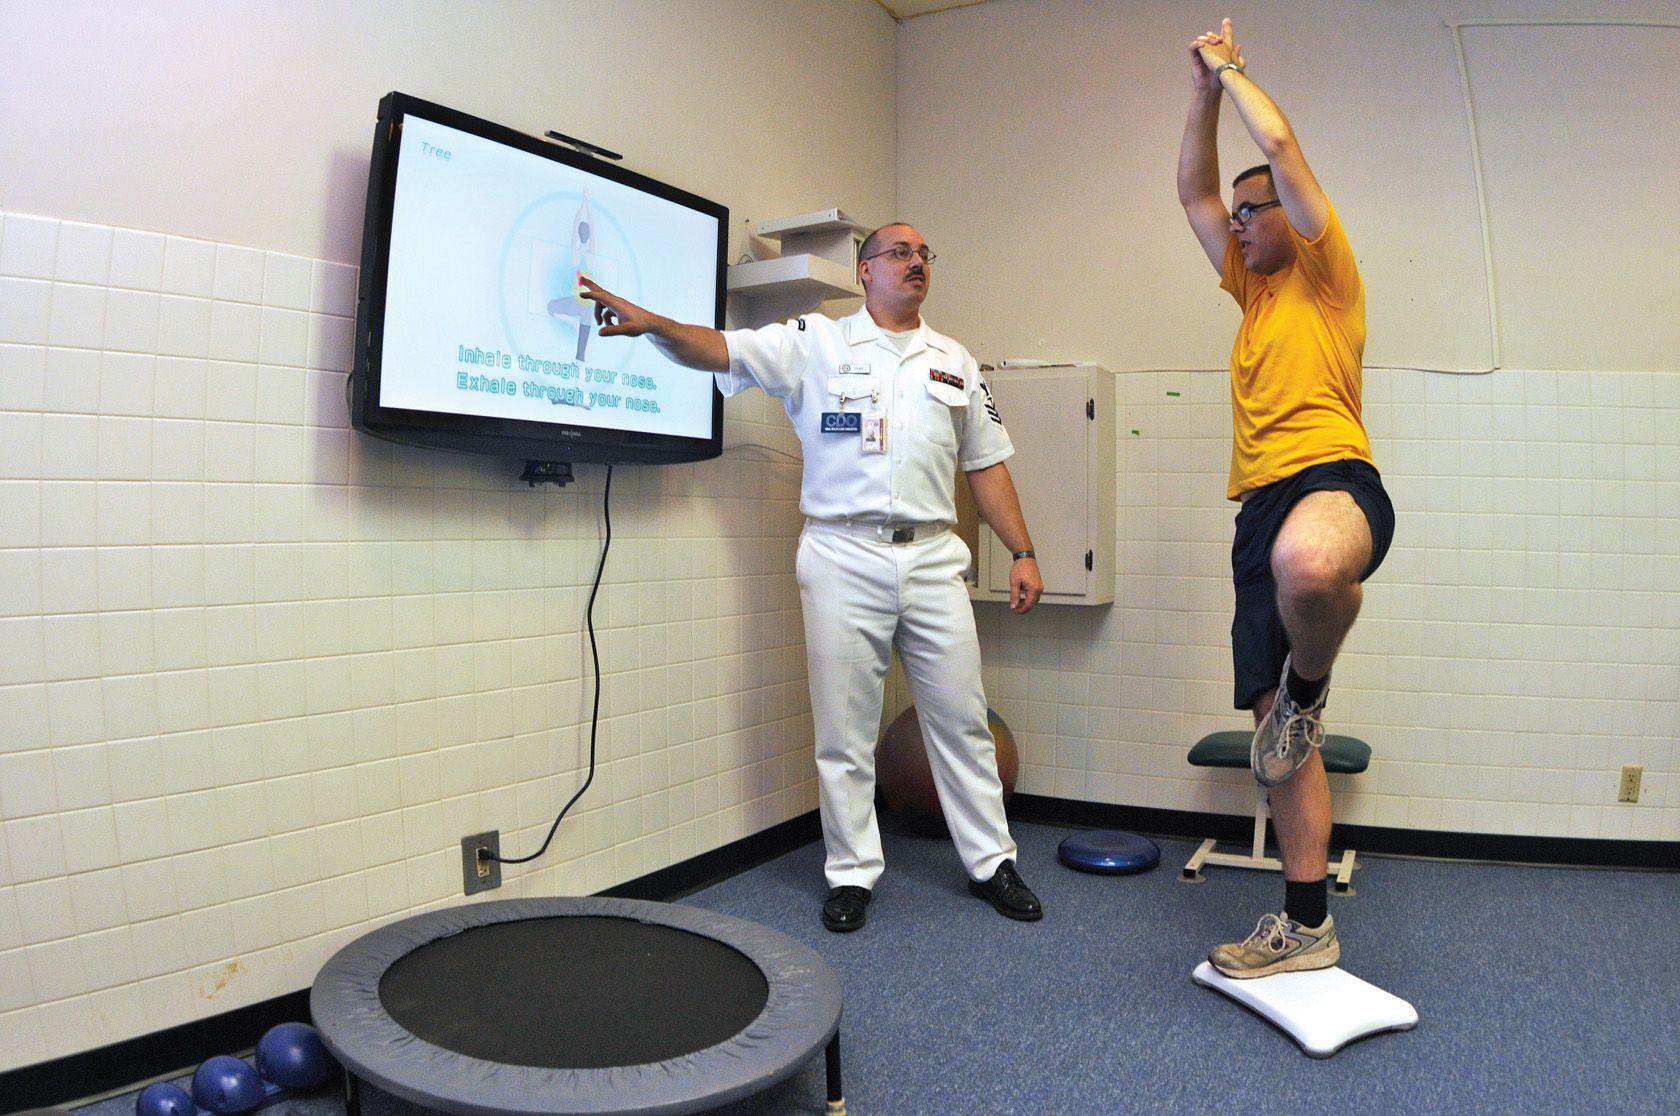 Nuevas terapias de rehabilitación con videojuegos